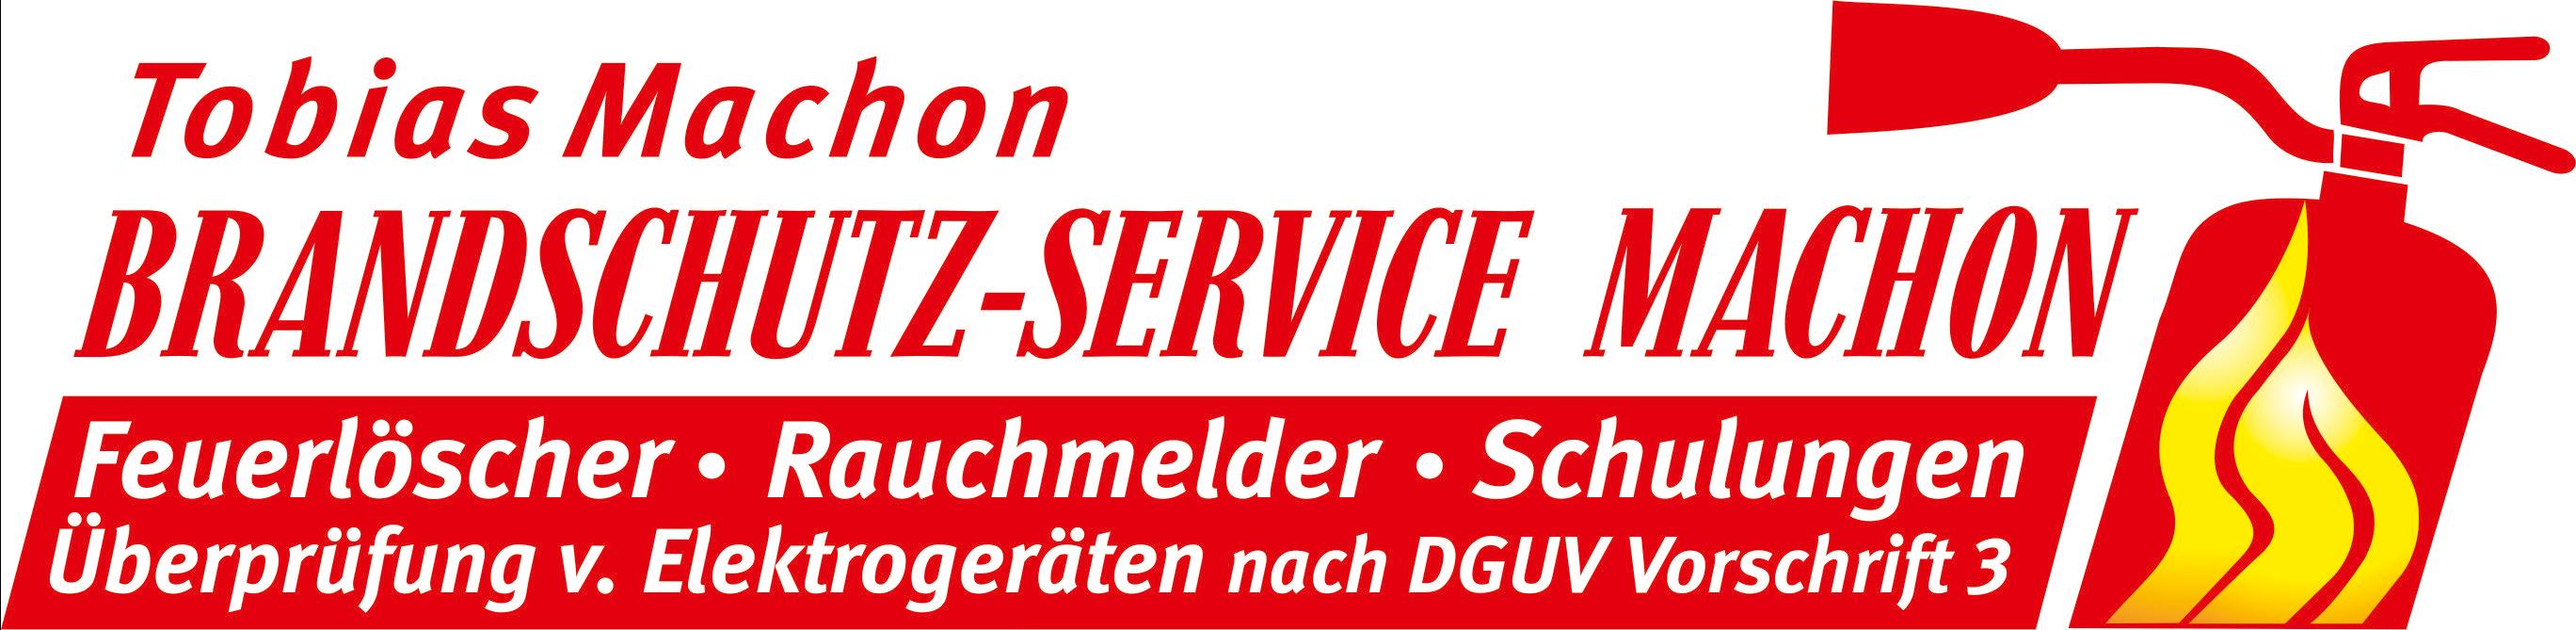 Brandschutz Service Machon